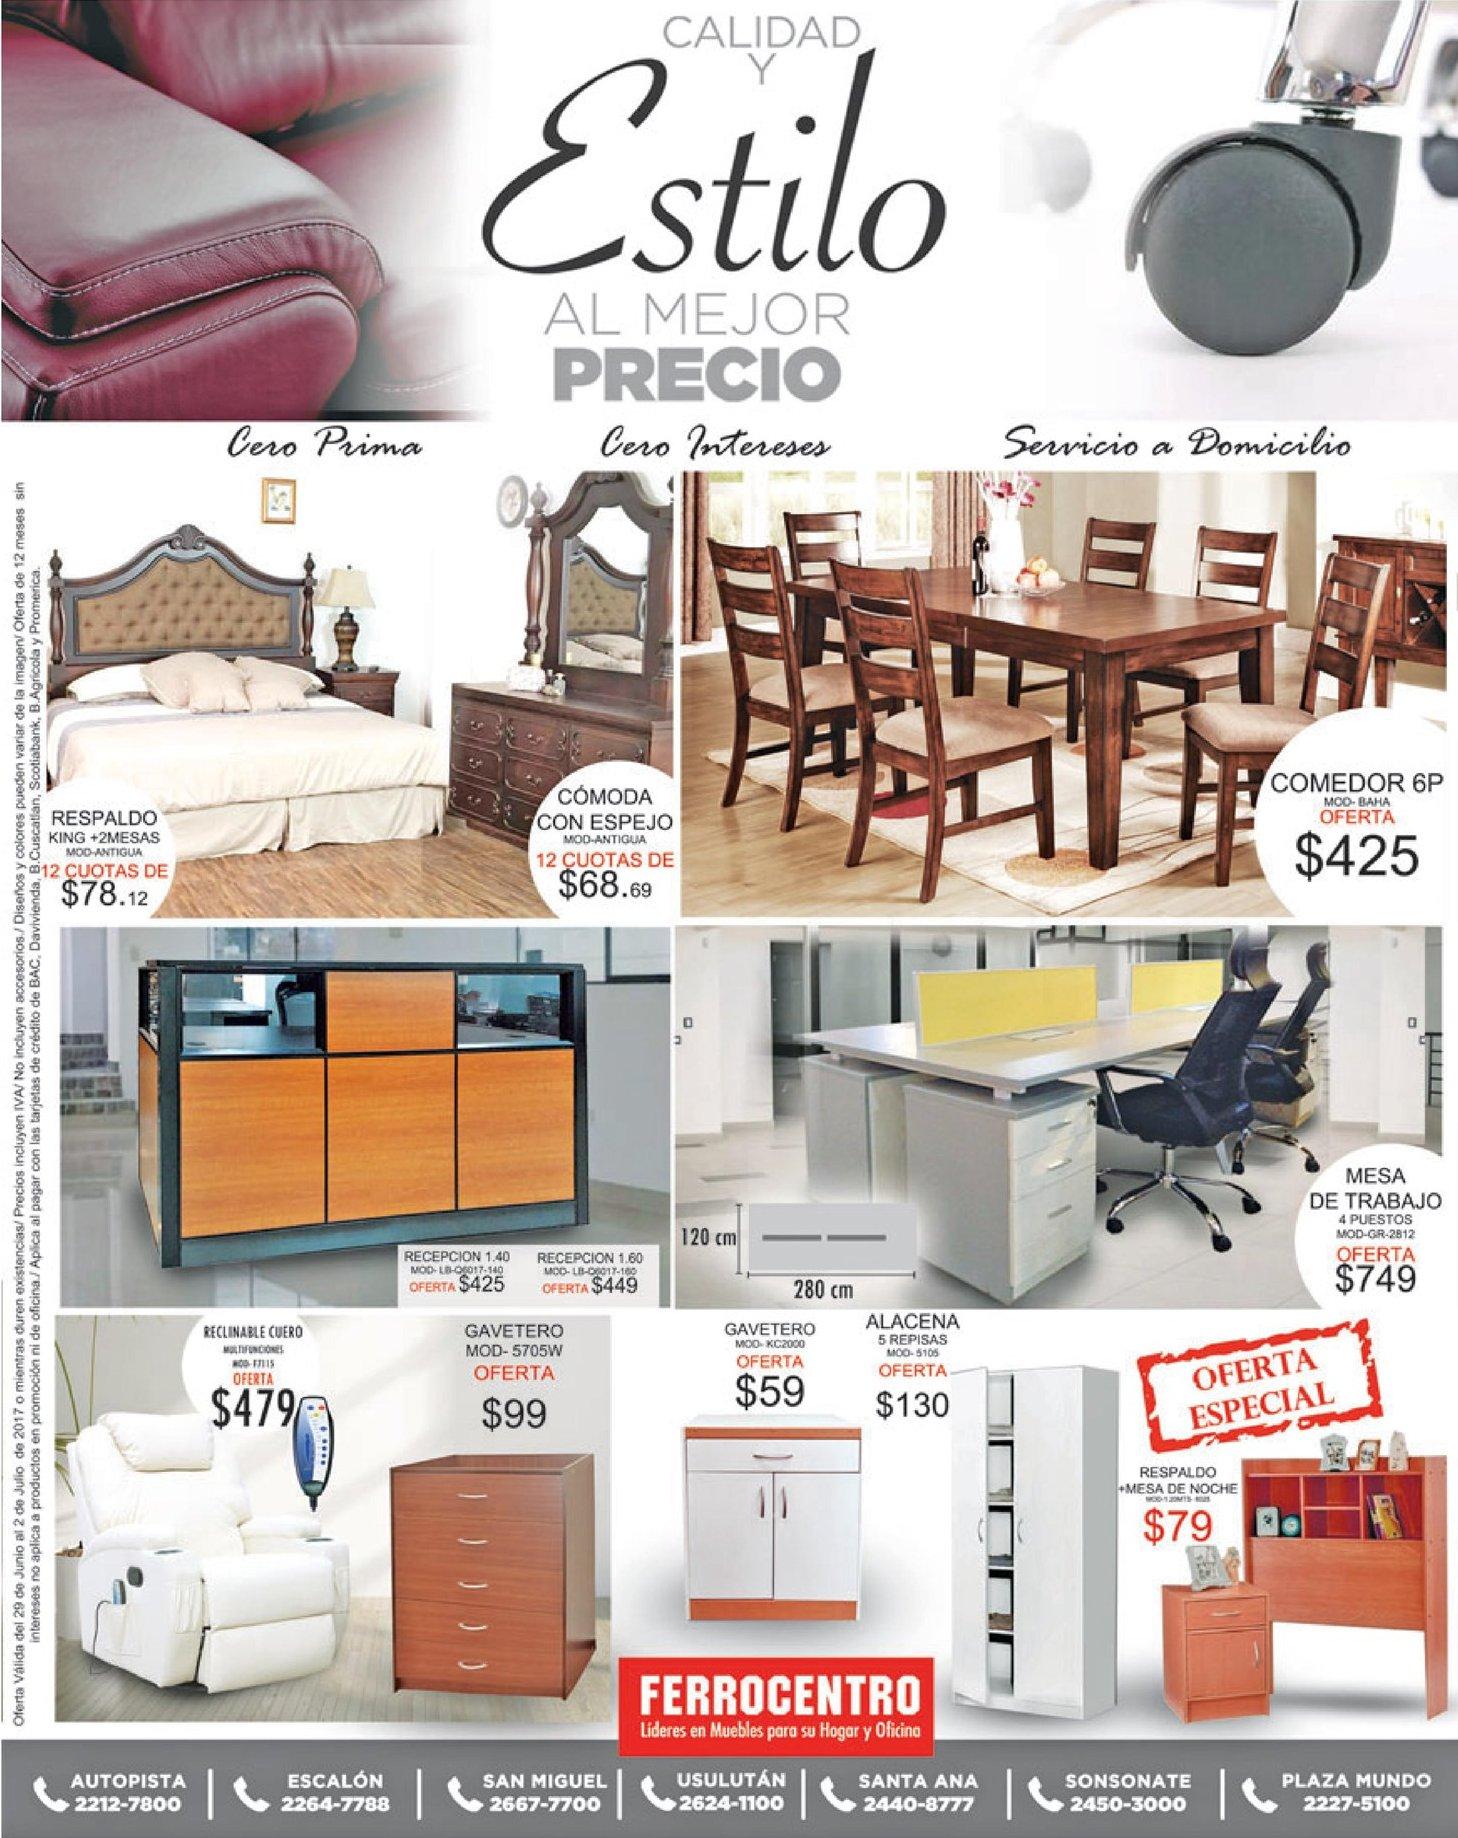 Calidad y estilo en muebles de lujos ferrrocnetro for Muebles de calidad